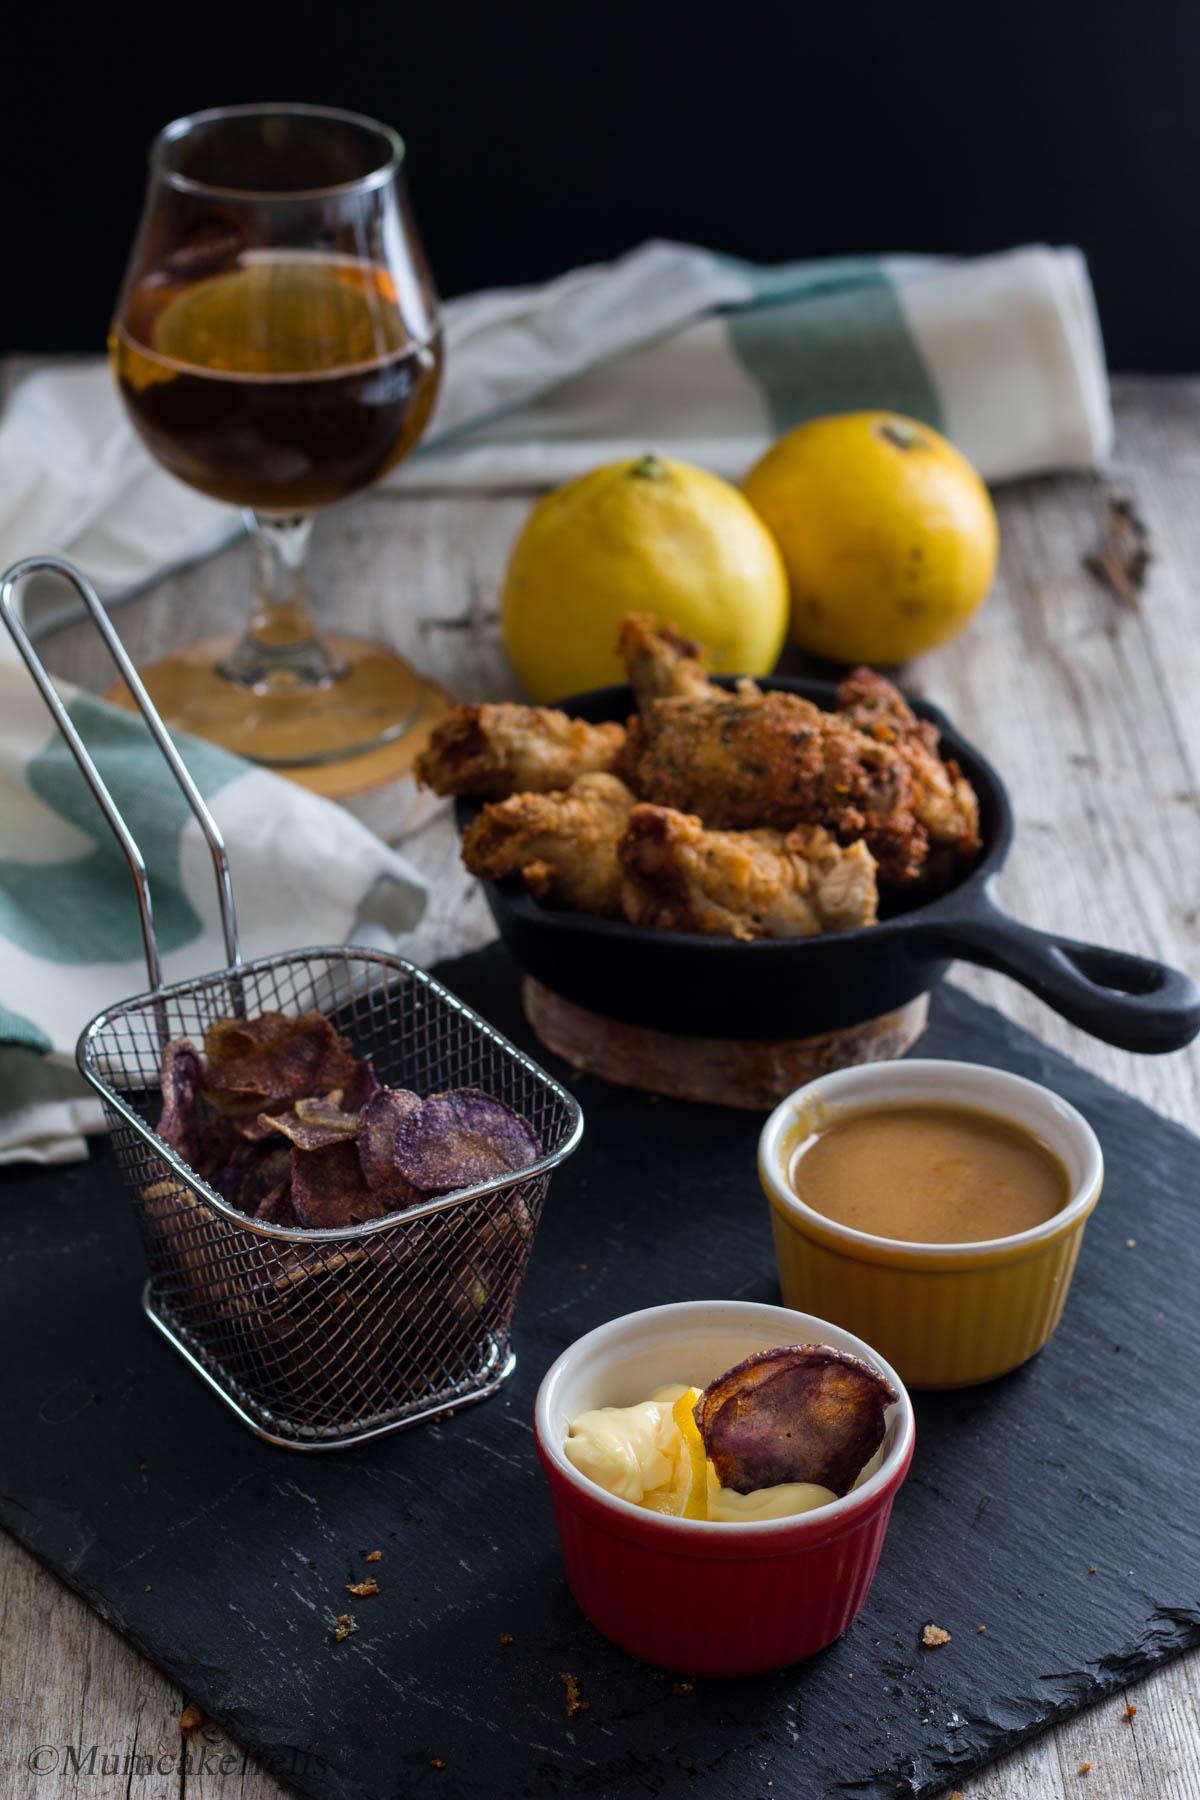 pollo fritto speciale, pollo fritto e patate, latticello e pollo fritto, pollo fritto e marinato, pollo fritto e verdure, pollo fritto in padella, pollo fritto impanato, pollo fritto in casa, pollo fritto latticello, pollo fritto limone, pollo fritto marinato,